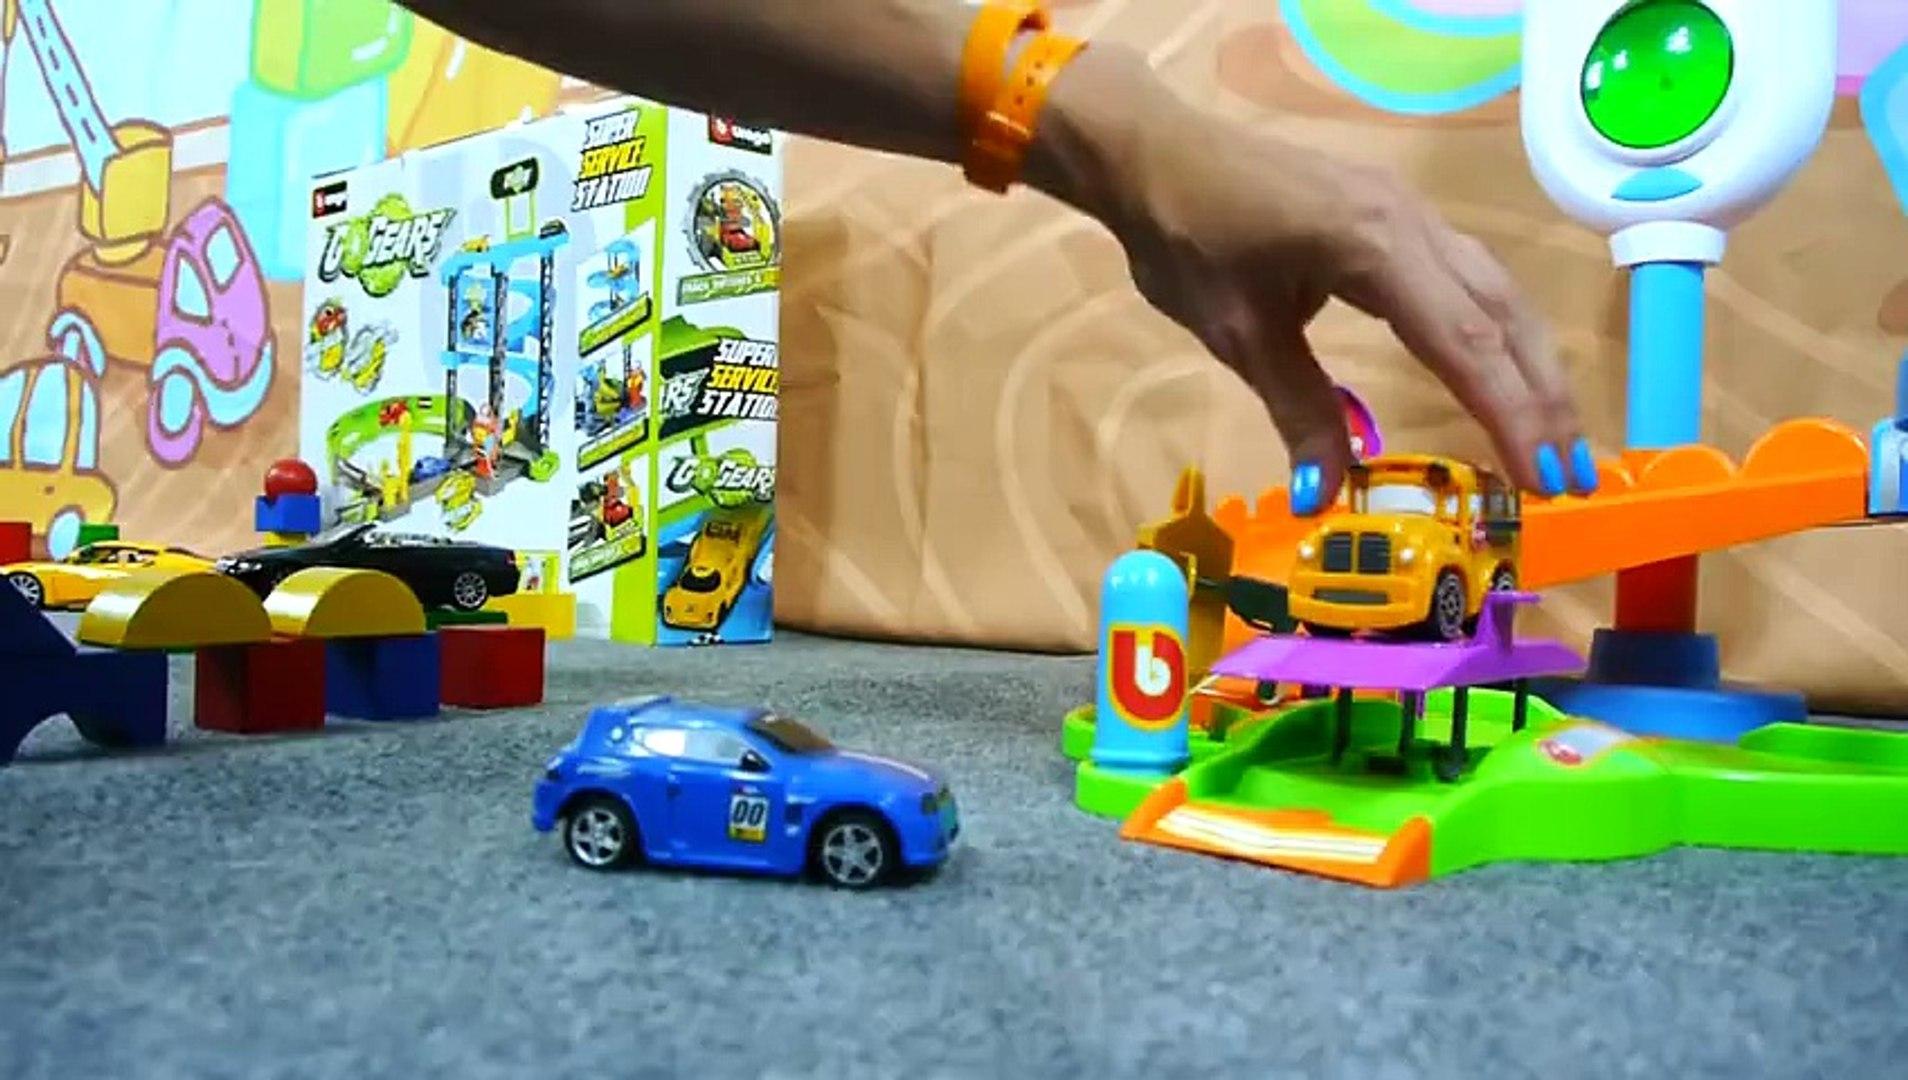 Çocuk filmi - Speedy ve Bussy araba sergisinde - BMW Çizgi Film izle - Animasyon HD izle 2015 Full 1